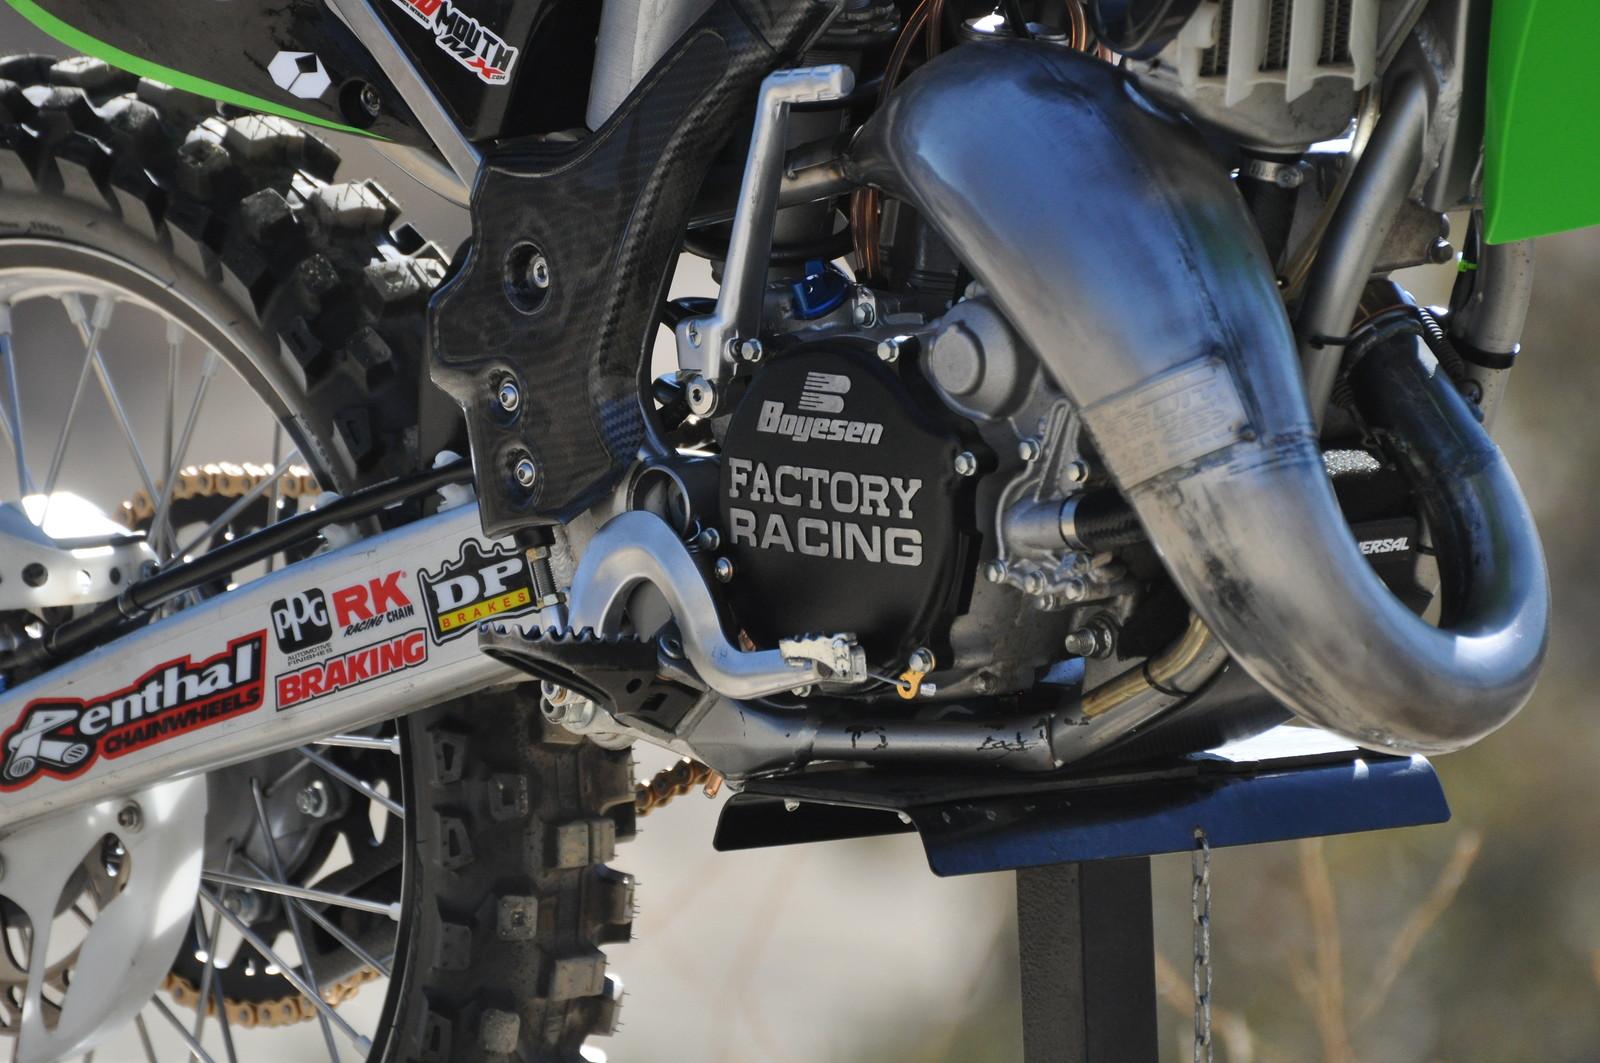 Kawasaki Kx 125 Sr Mark Chillzone S Bike Check Vital Mx